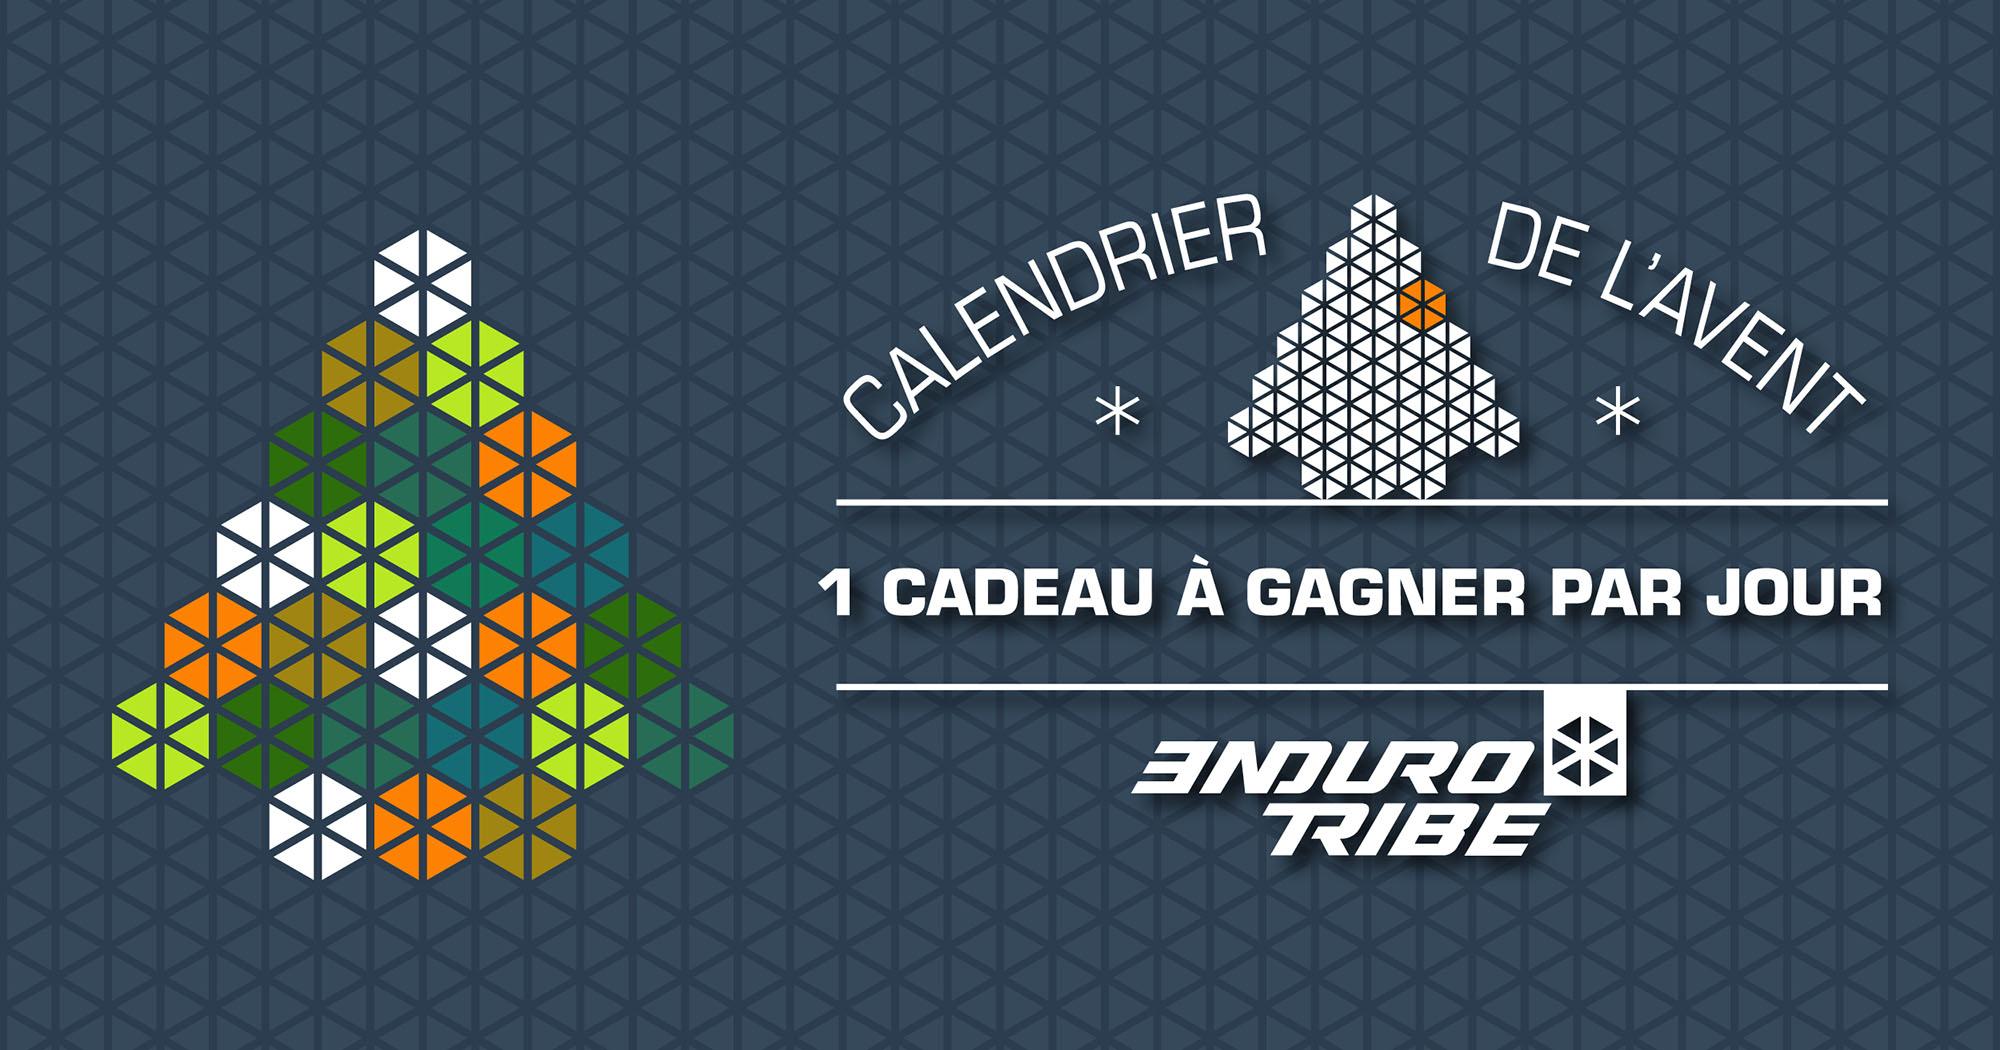 Concours Calendrier.Concours Le Calendrier De L Avent Endurotribe 2017 Est La